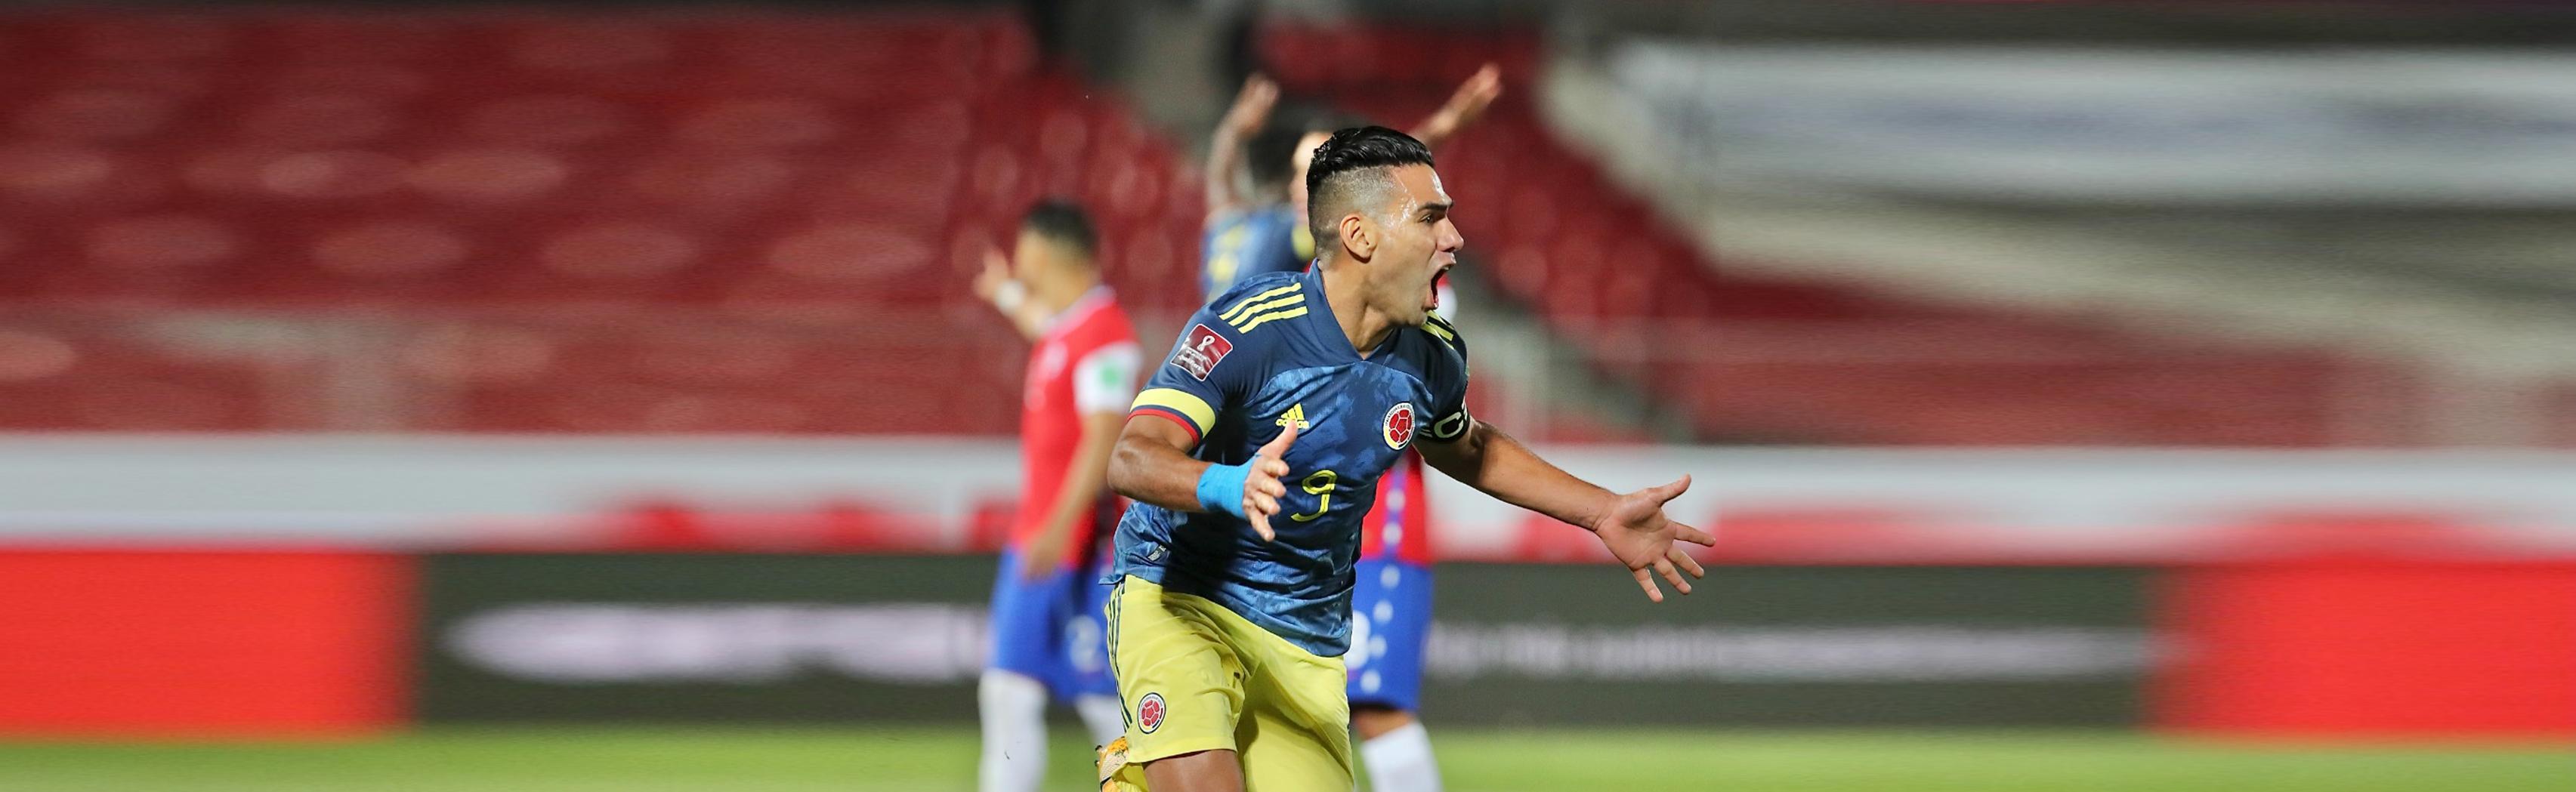 RADAMEL FALCAO GARCÍA | Gol contra Chile